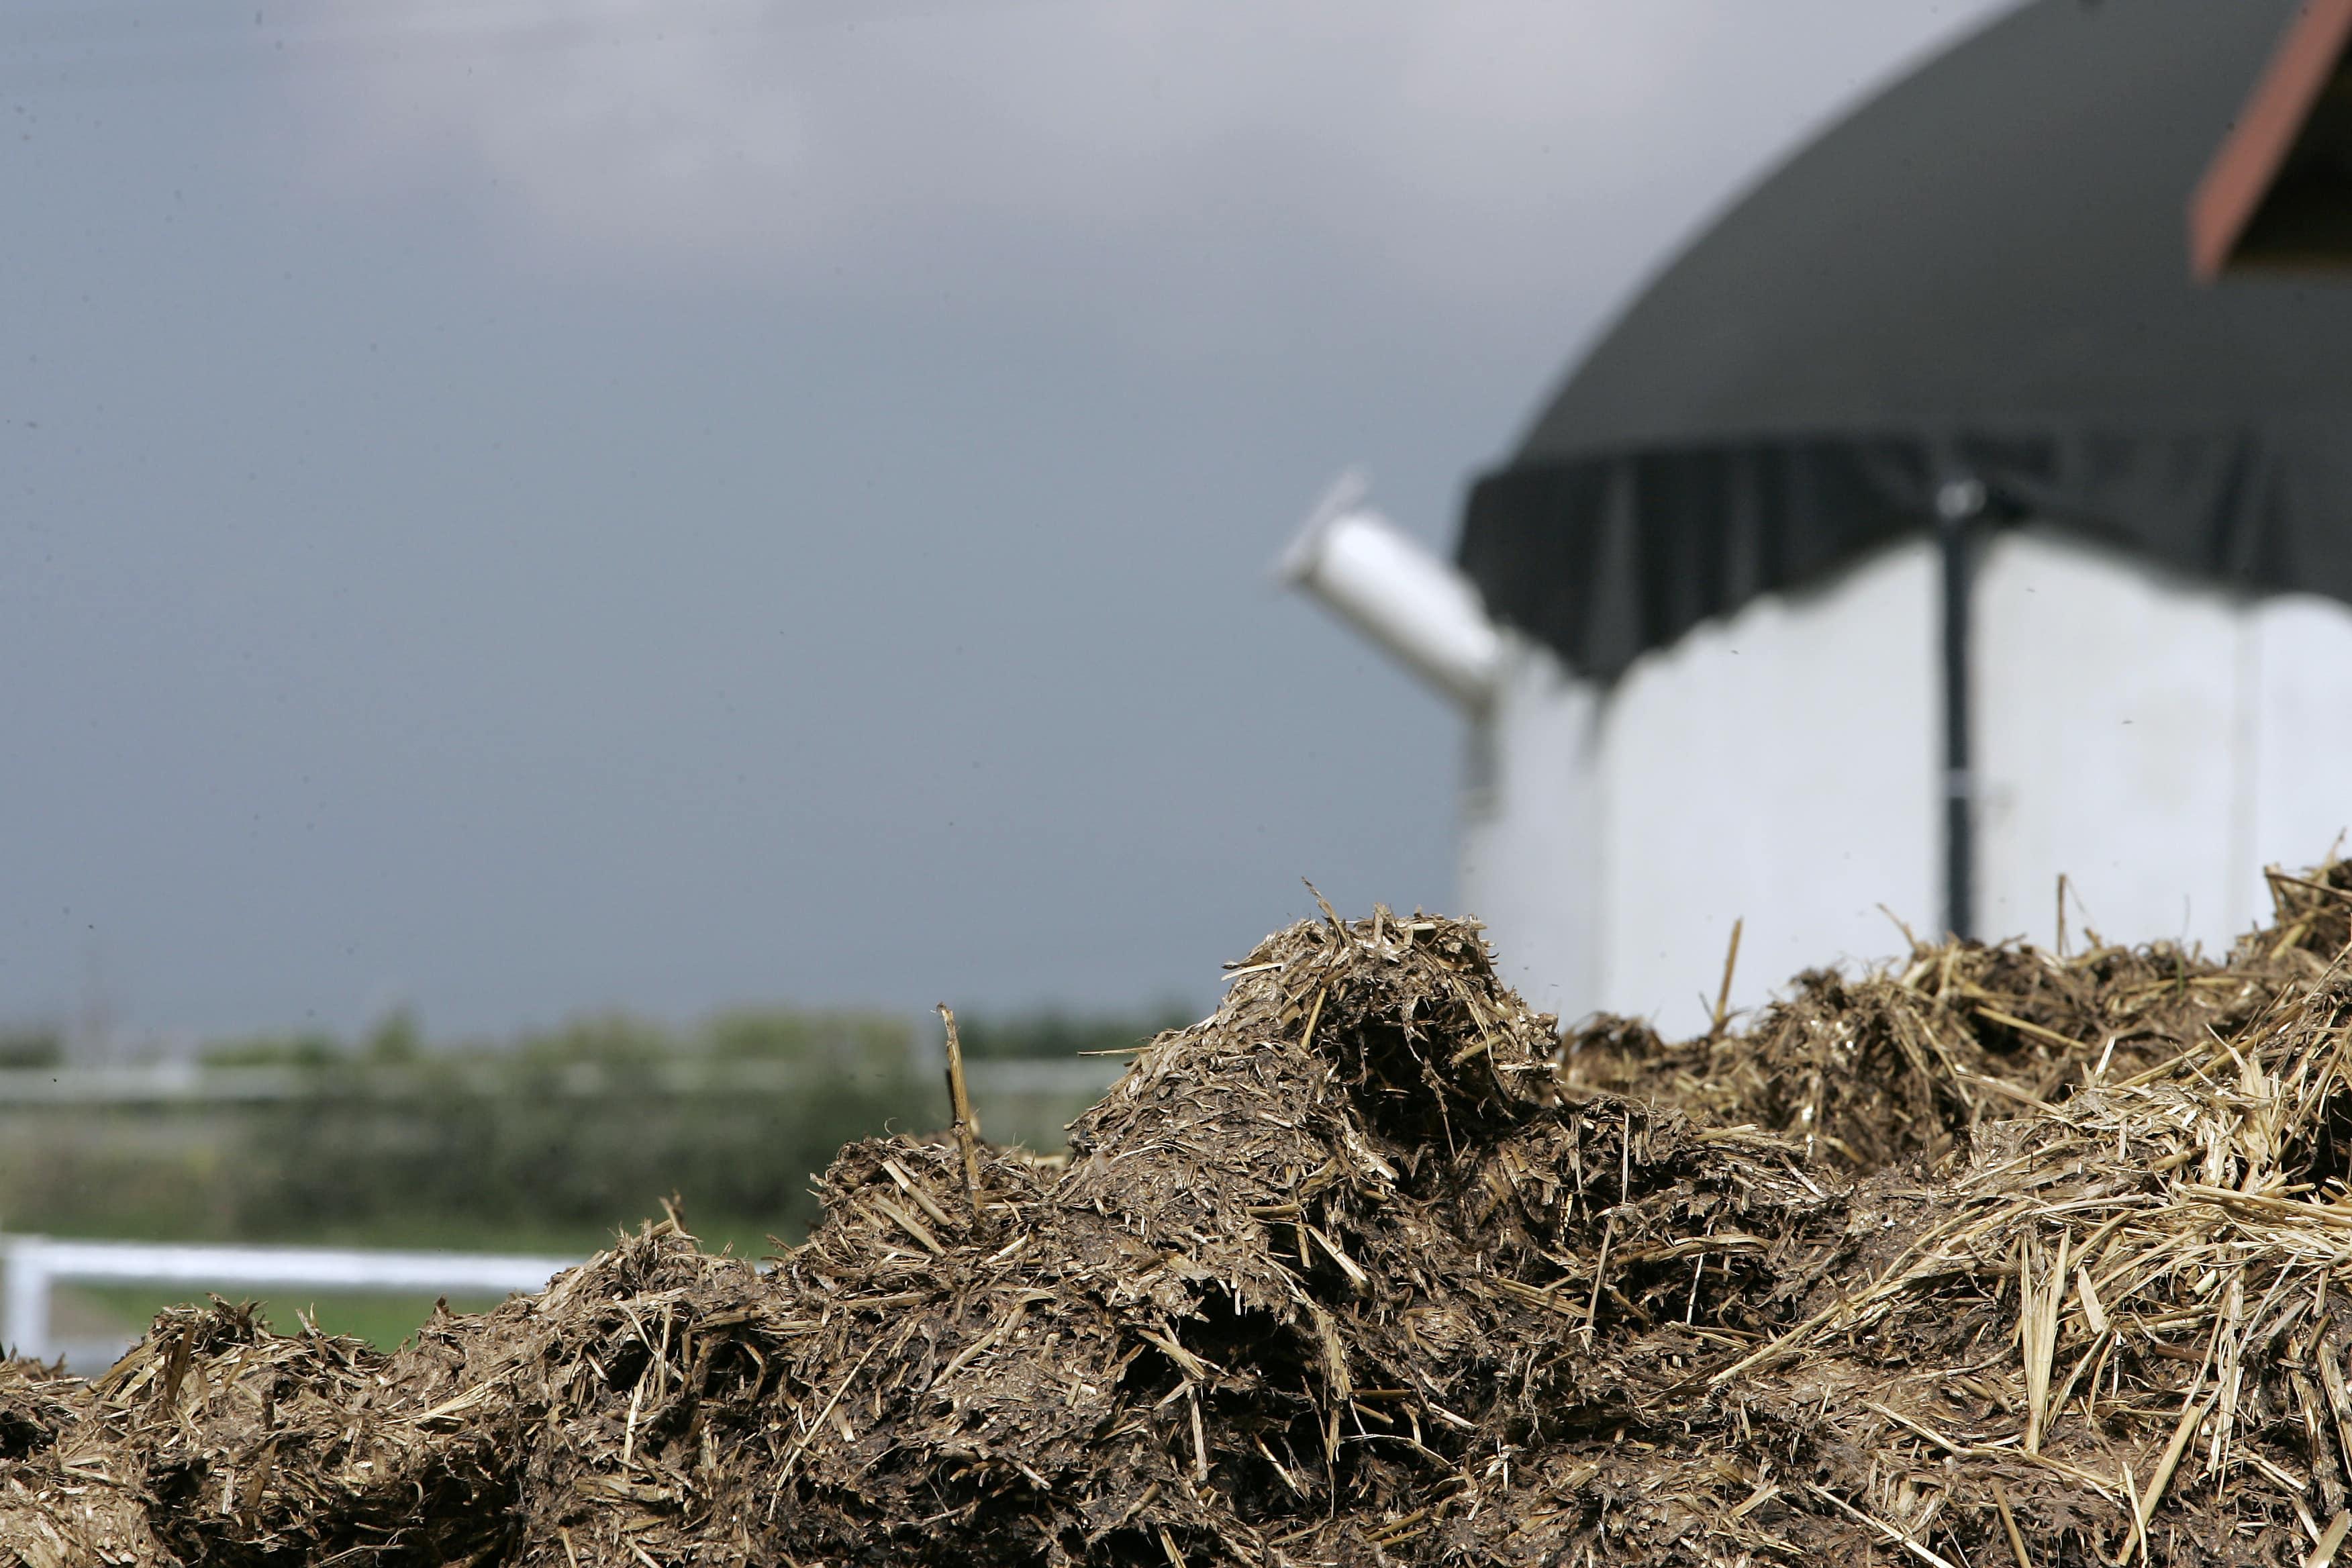 Biomasseanlag mit Hofdünger im Vordergrund